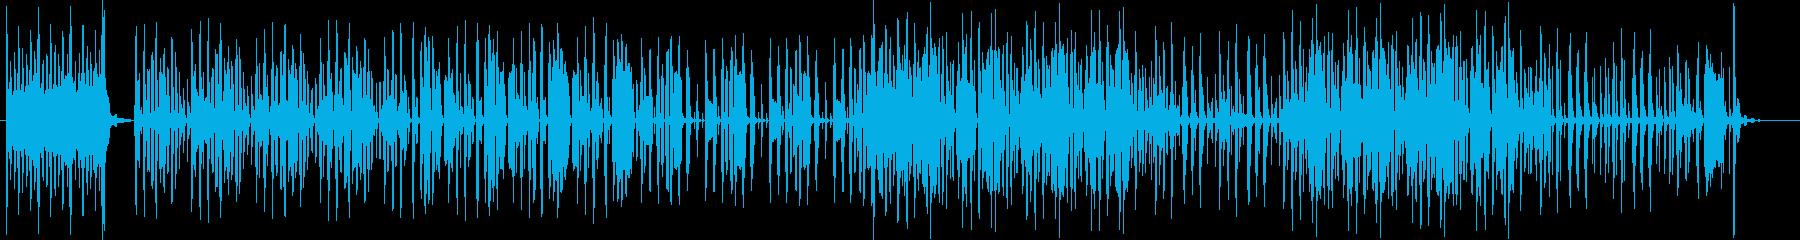 コミカルな登場、入場曲の再生済みの波形